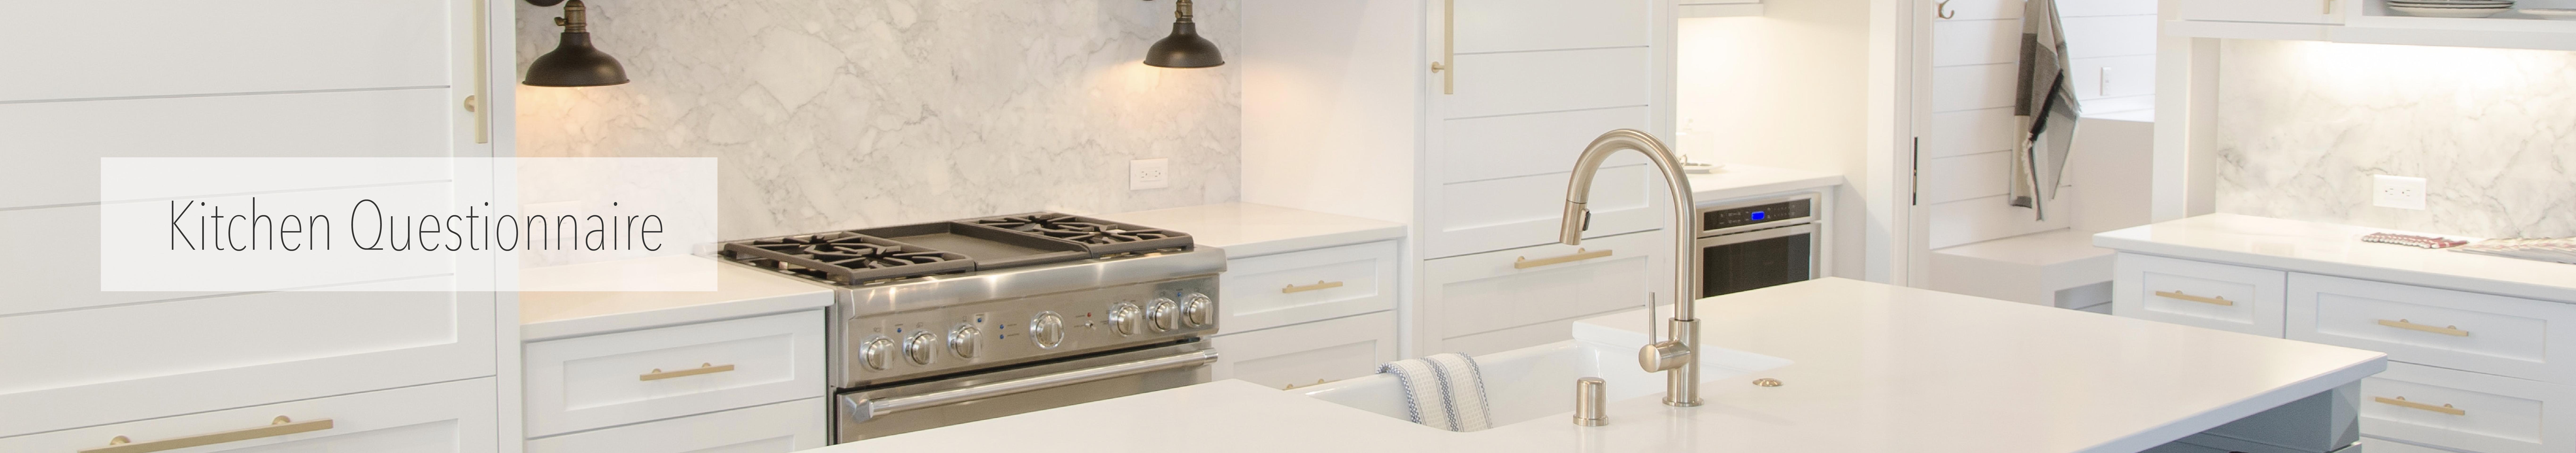 Kitchen Questionnaire | Kirsty Badenhorst Interiors